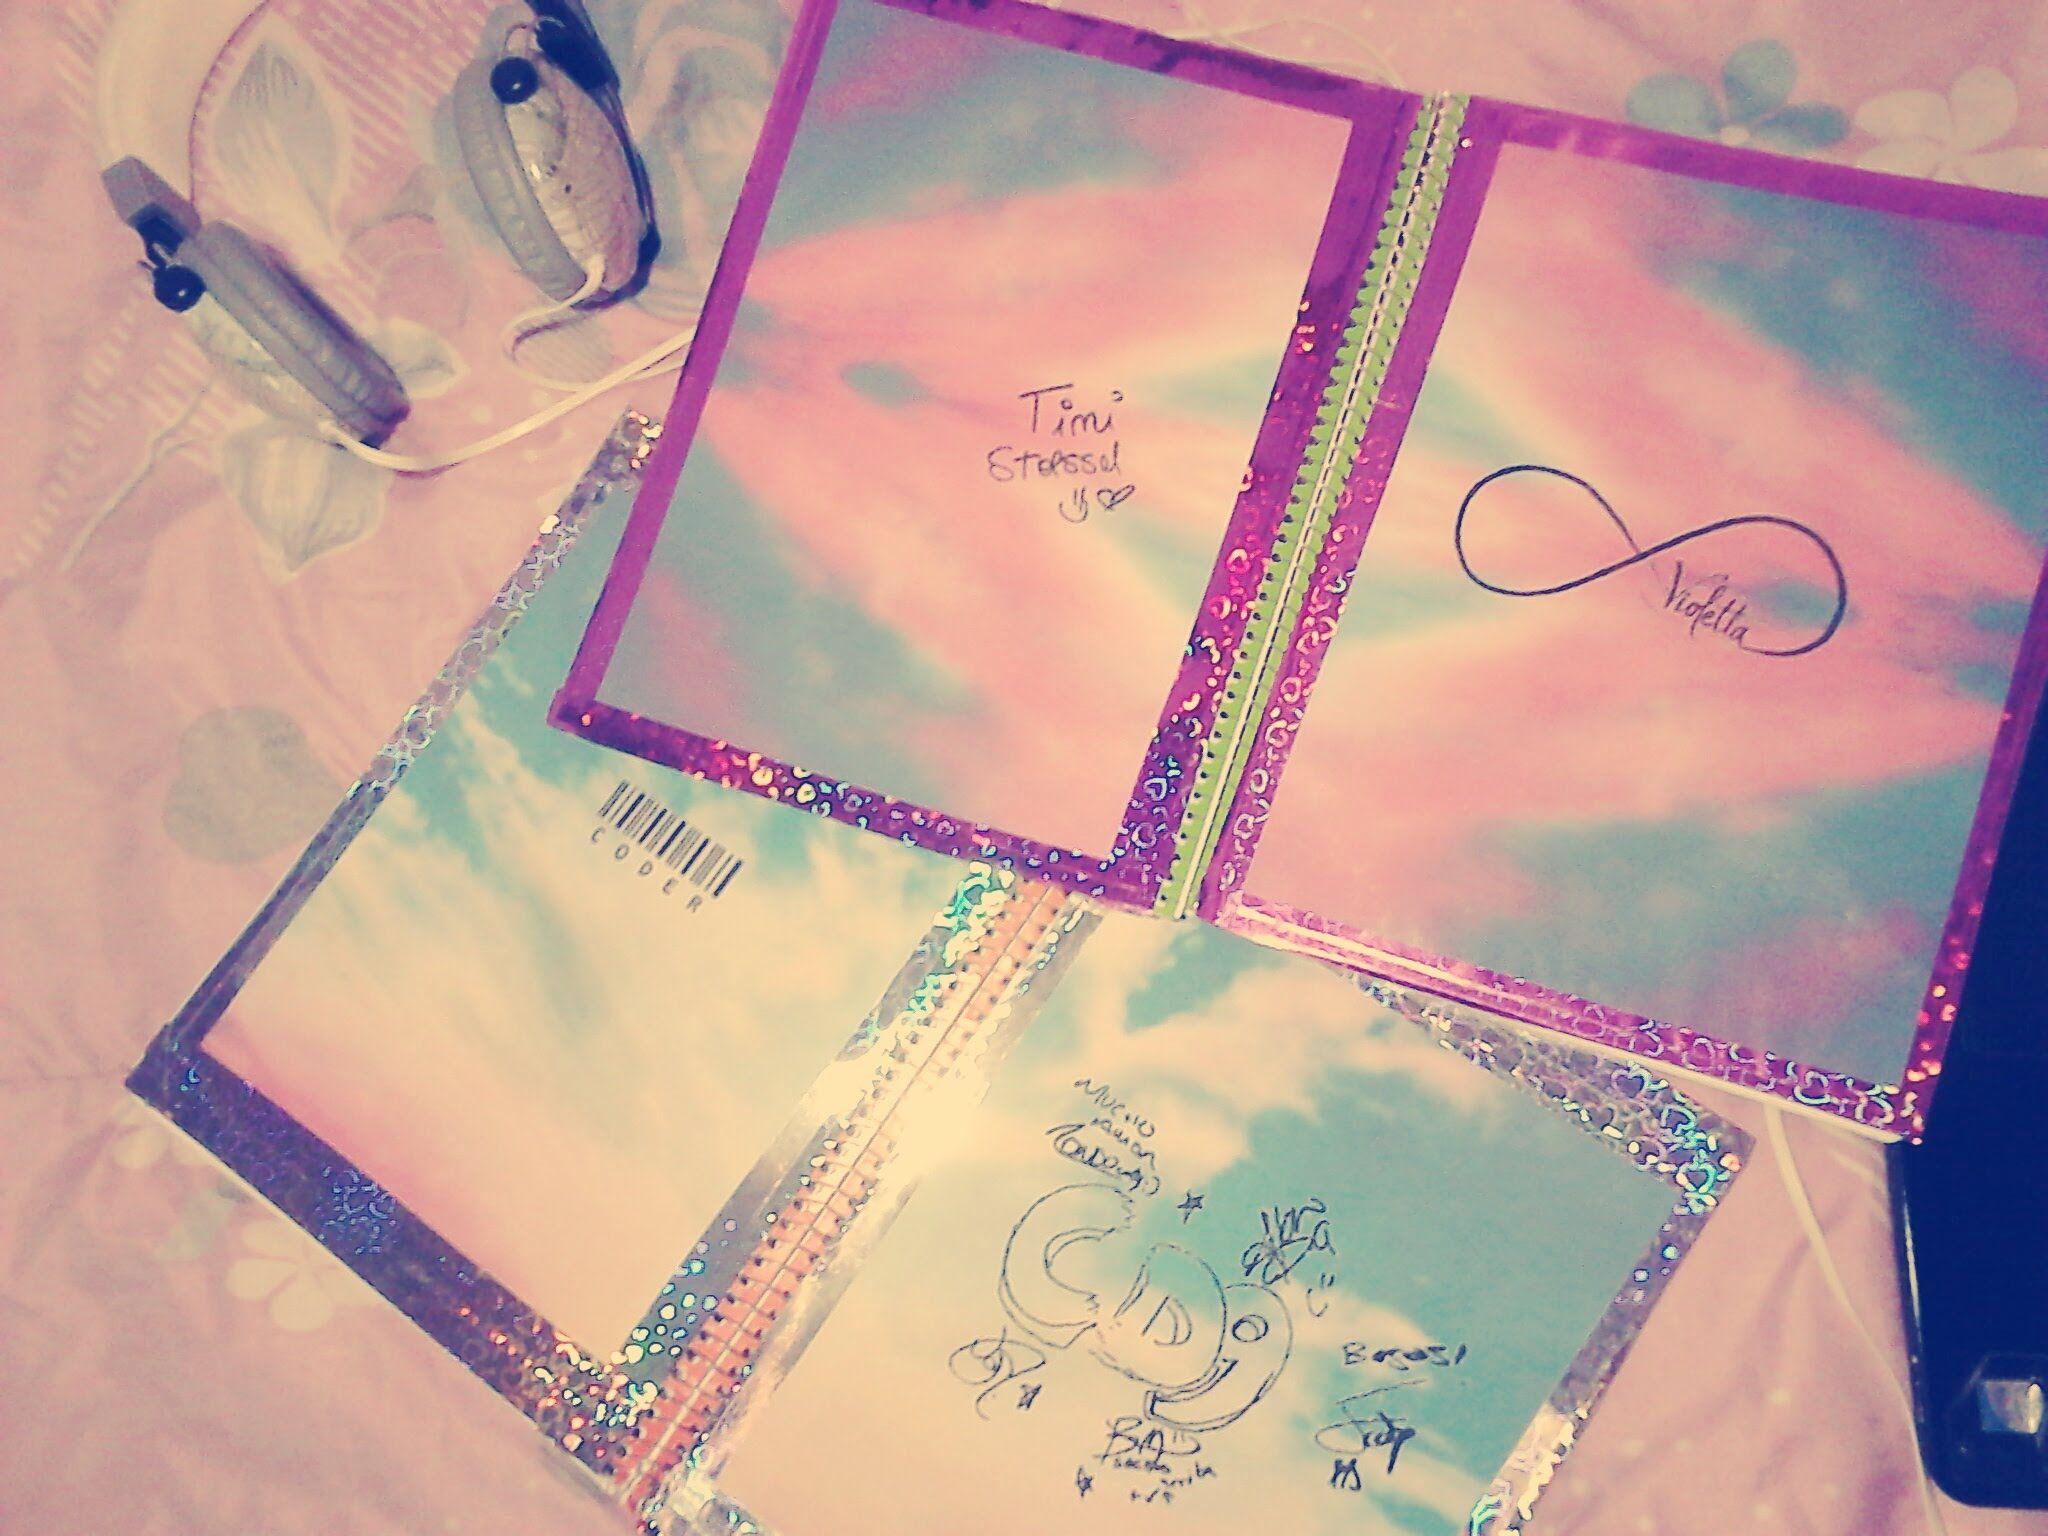 Decora tus cuadernos con cd9 y violetta des for Decora la stanza di violetta